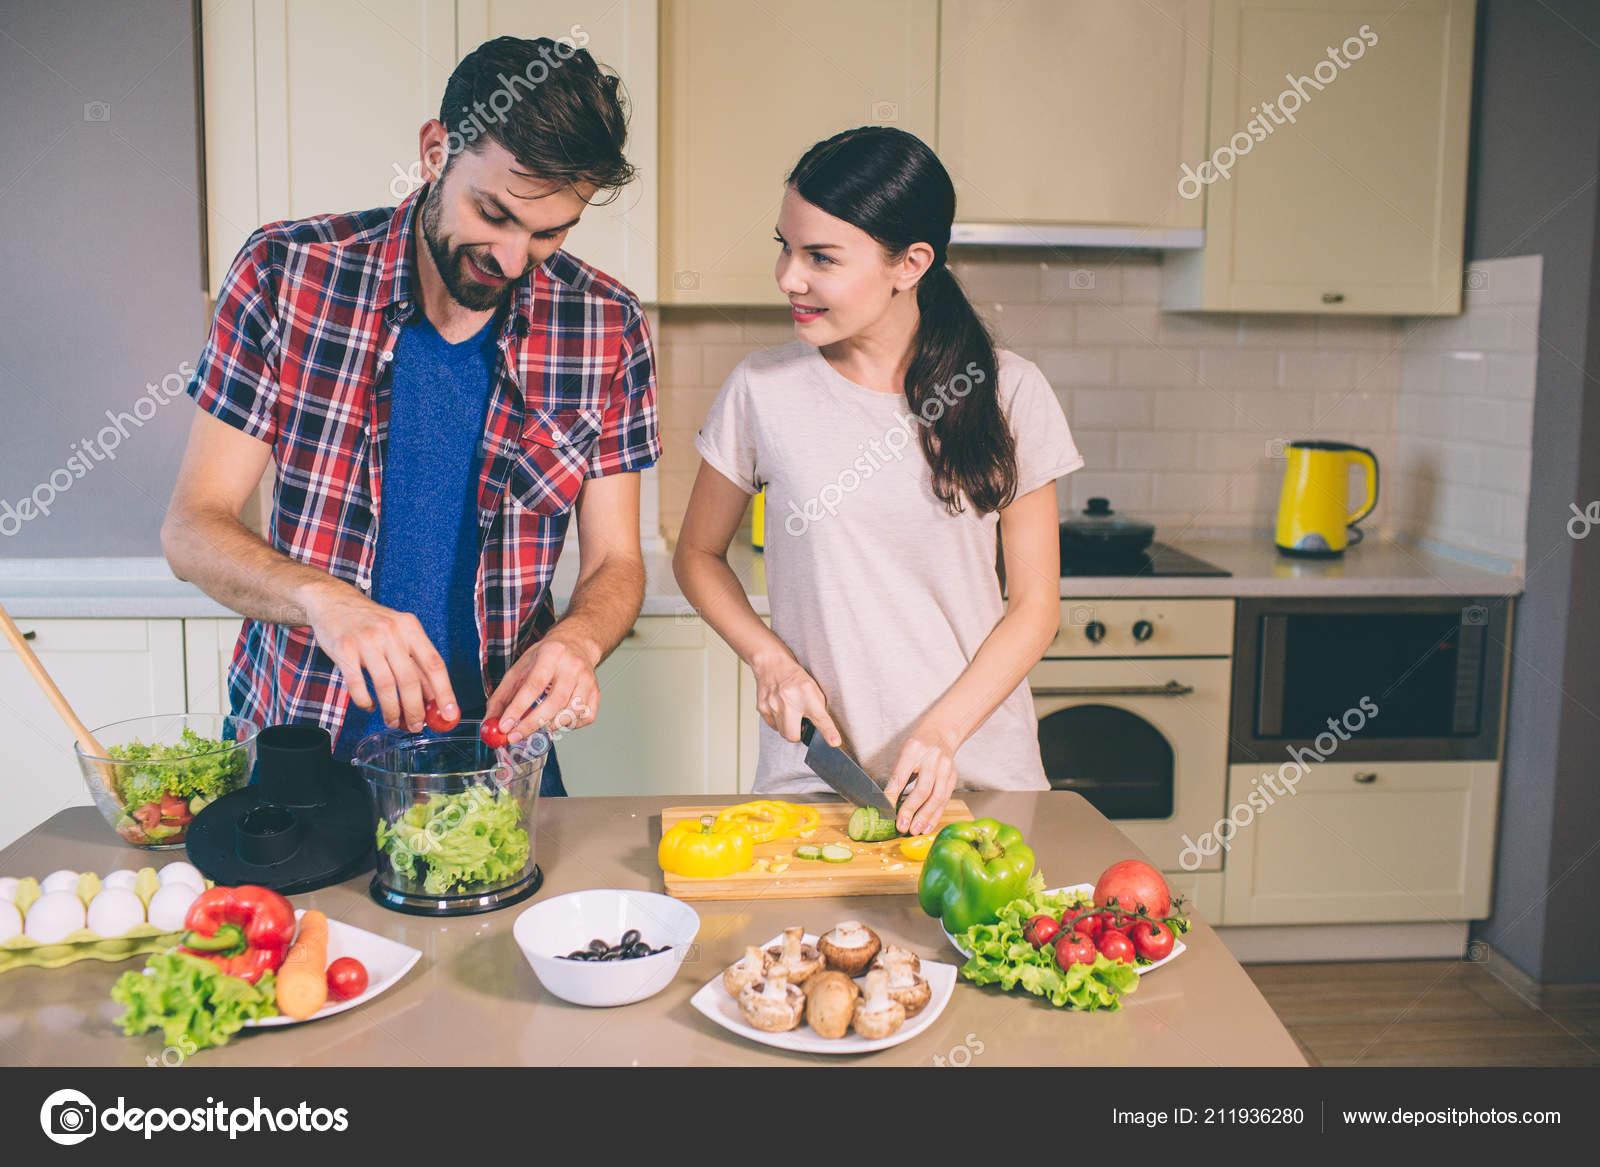 Трахнул сестру в кухне ей понравилось, Трахнул сестру на кухне -видео. Смотреть трахнул 19 фотография